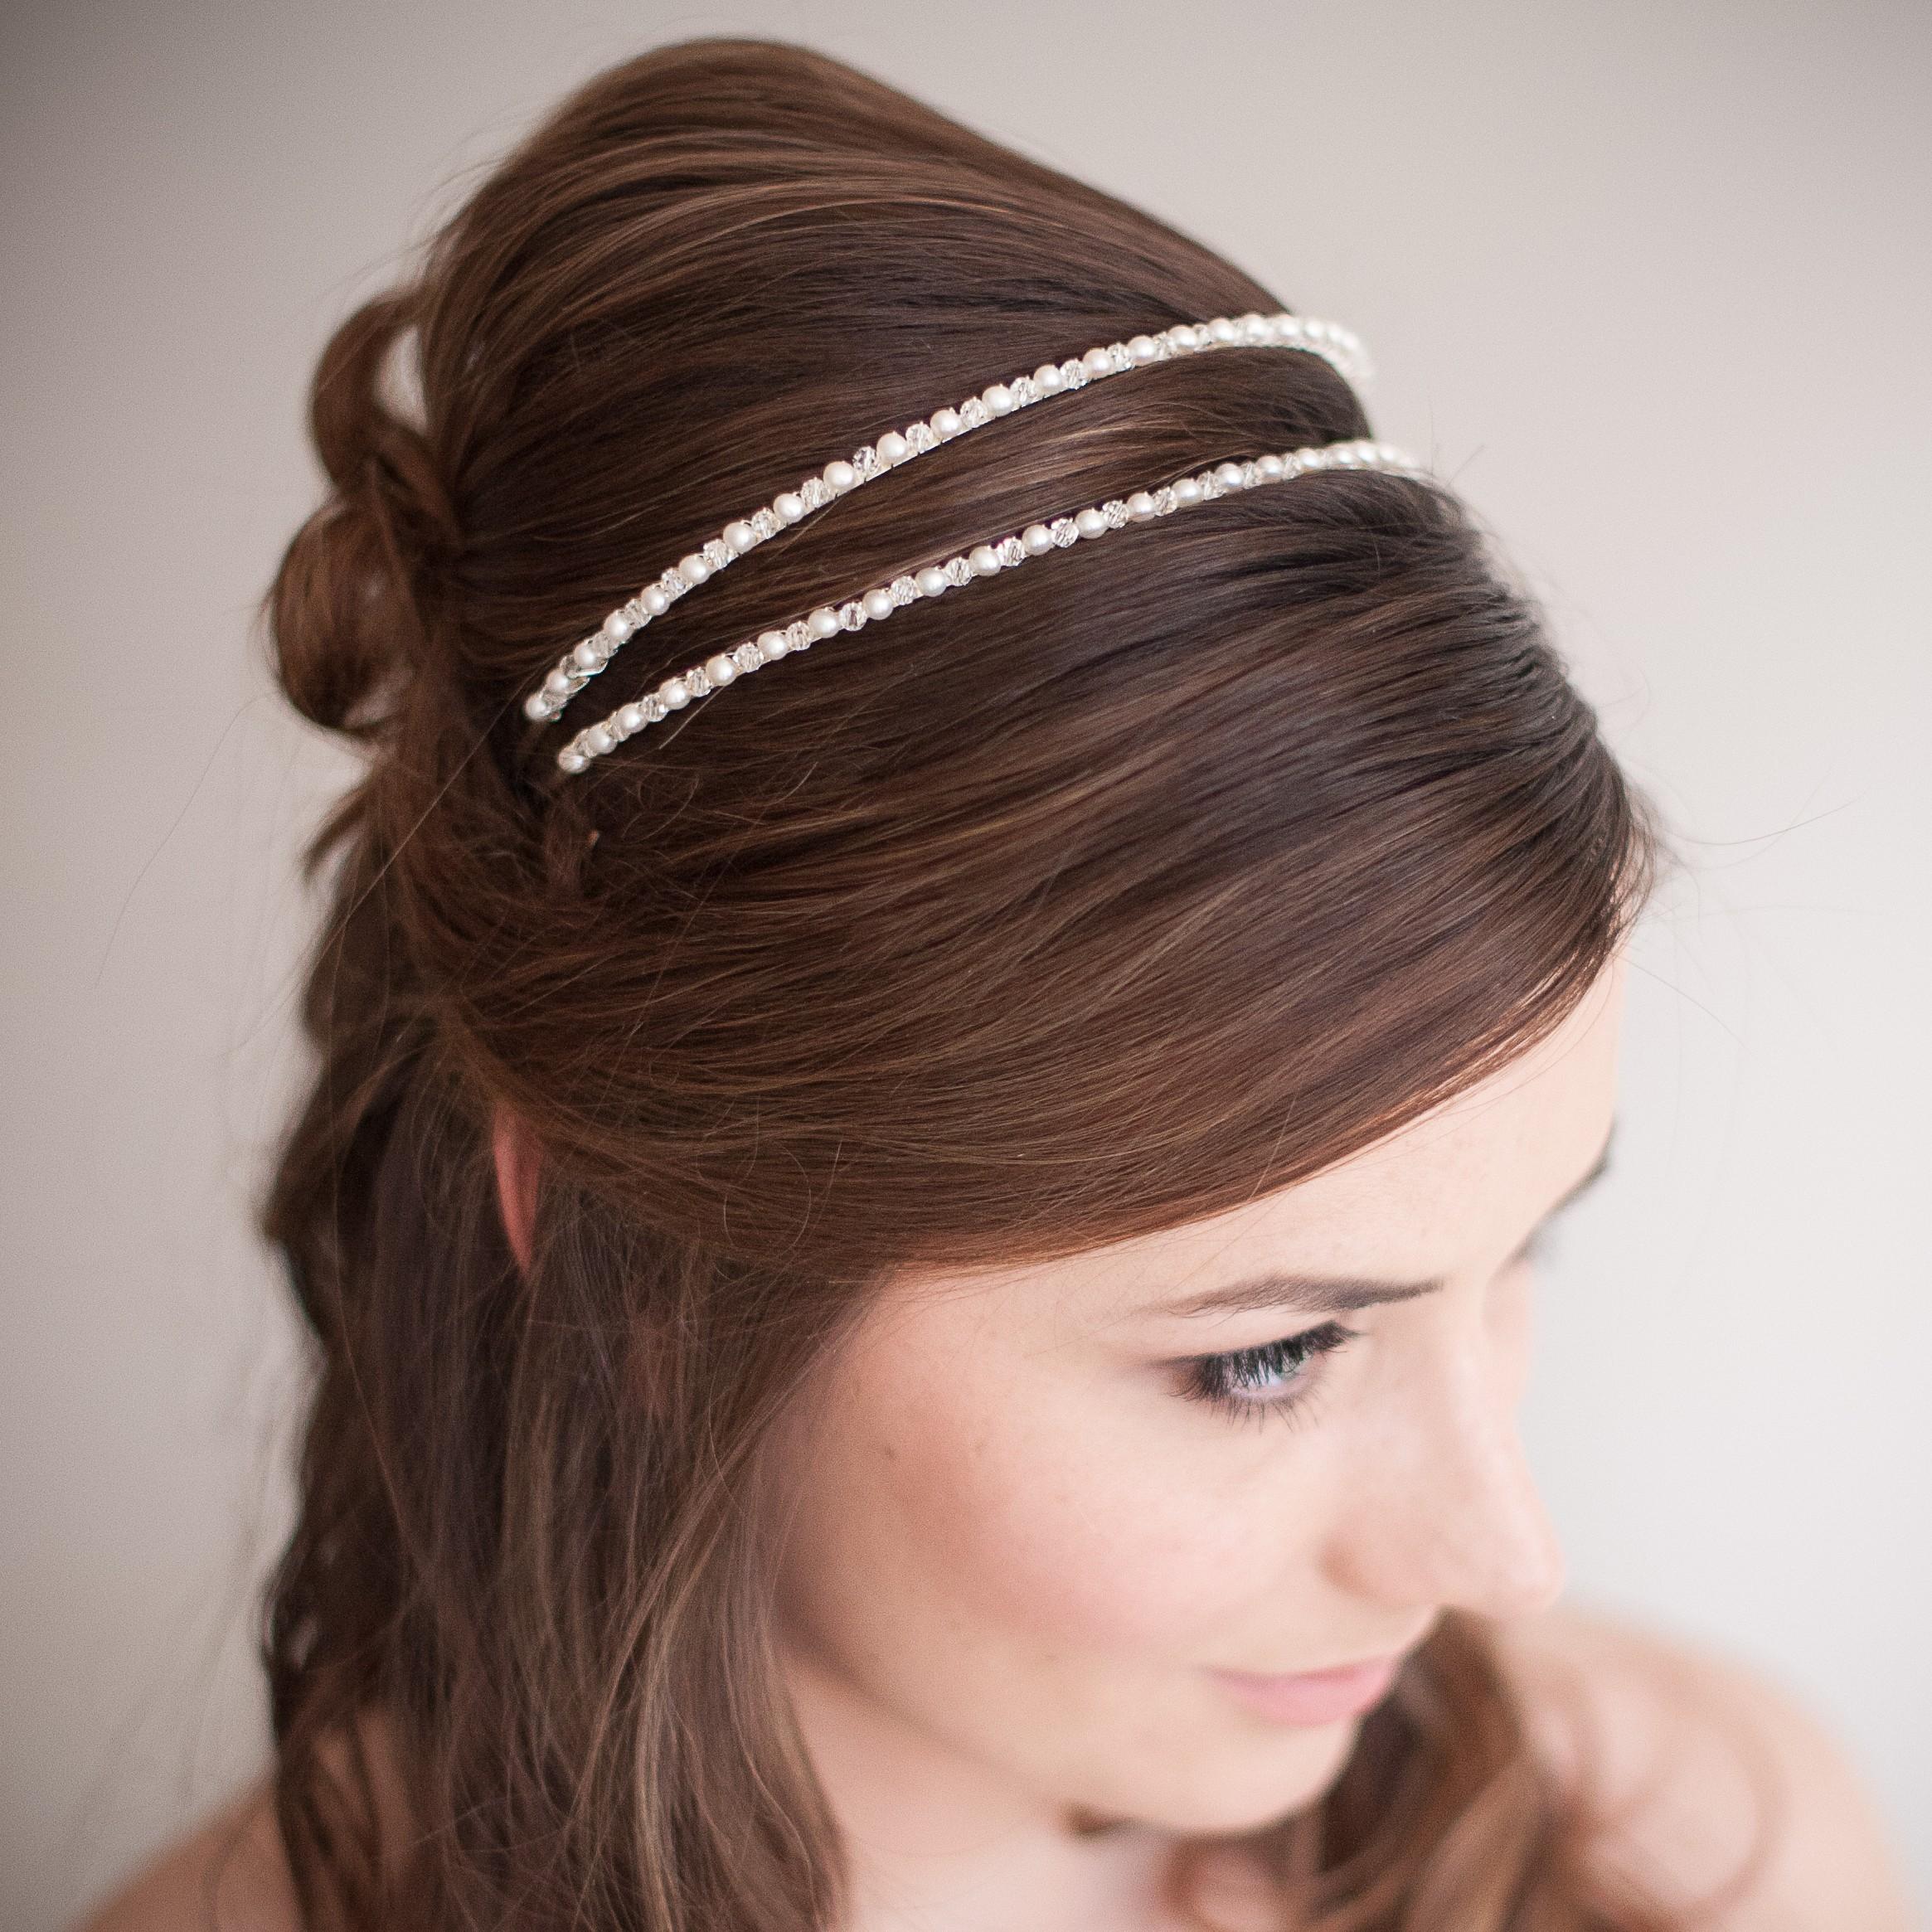 Rachel II Pearl and Crystal Bridal Headband eddf9e7ab58